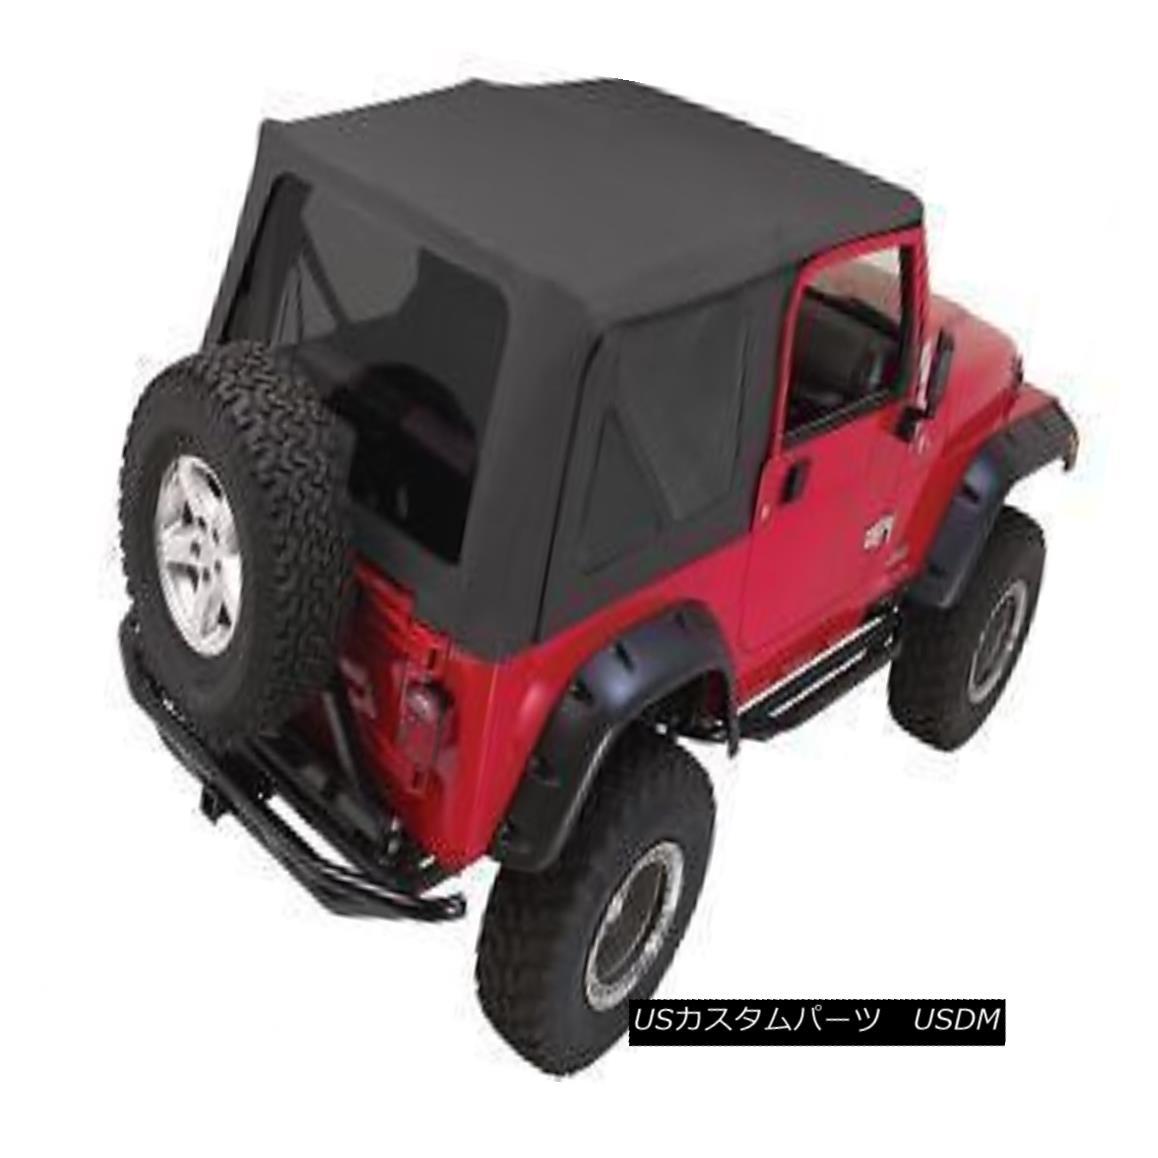 幌・ソフトトップ Rampage Complete Soft Top w/ Frame & Tint 97-06 Jeep Wrangler TJ 68835 Black ランペイジコンプリートソフトトップ(フレーム& ティント97-06ジープラングラーTJ 68835ブラック